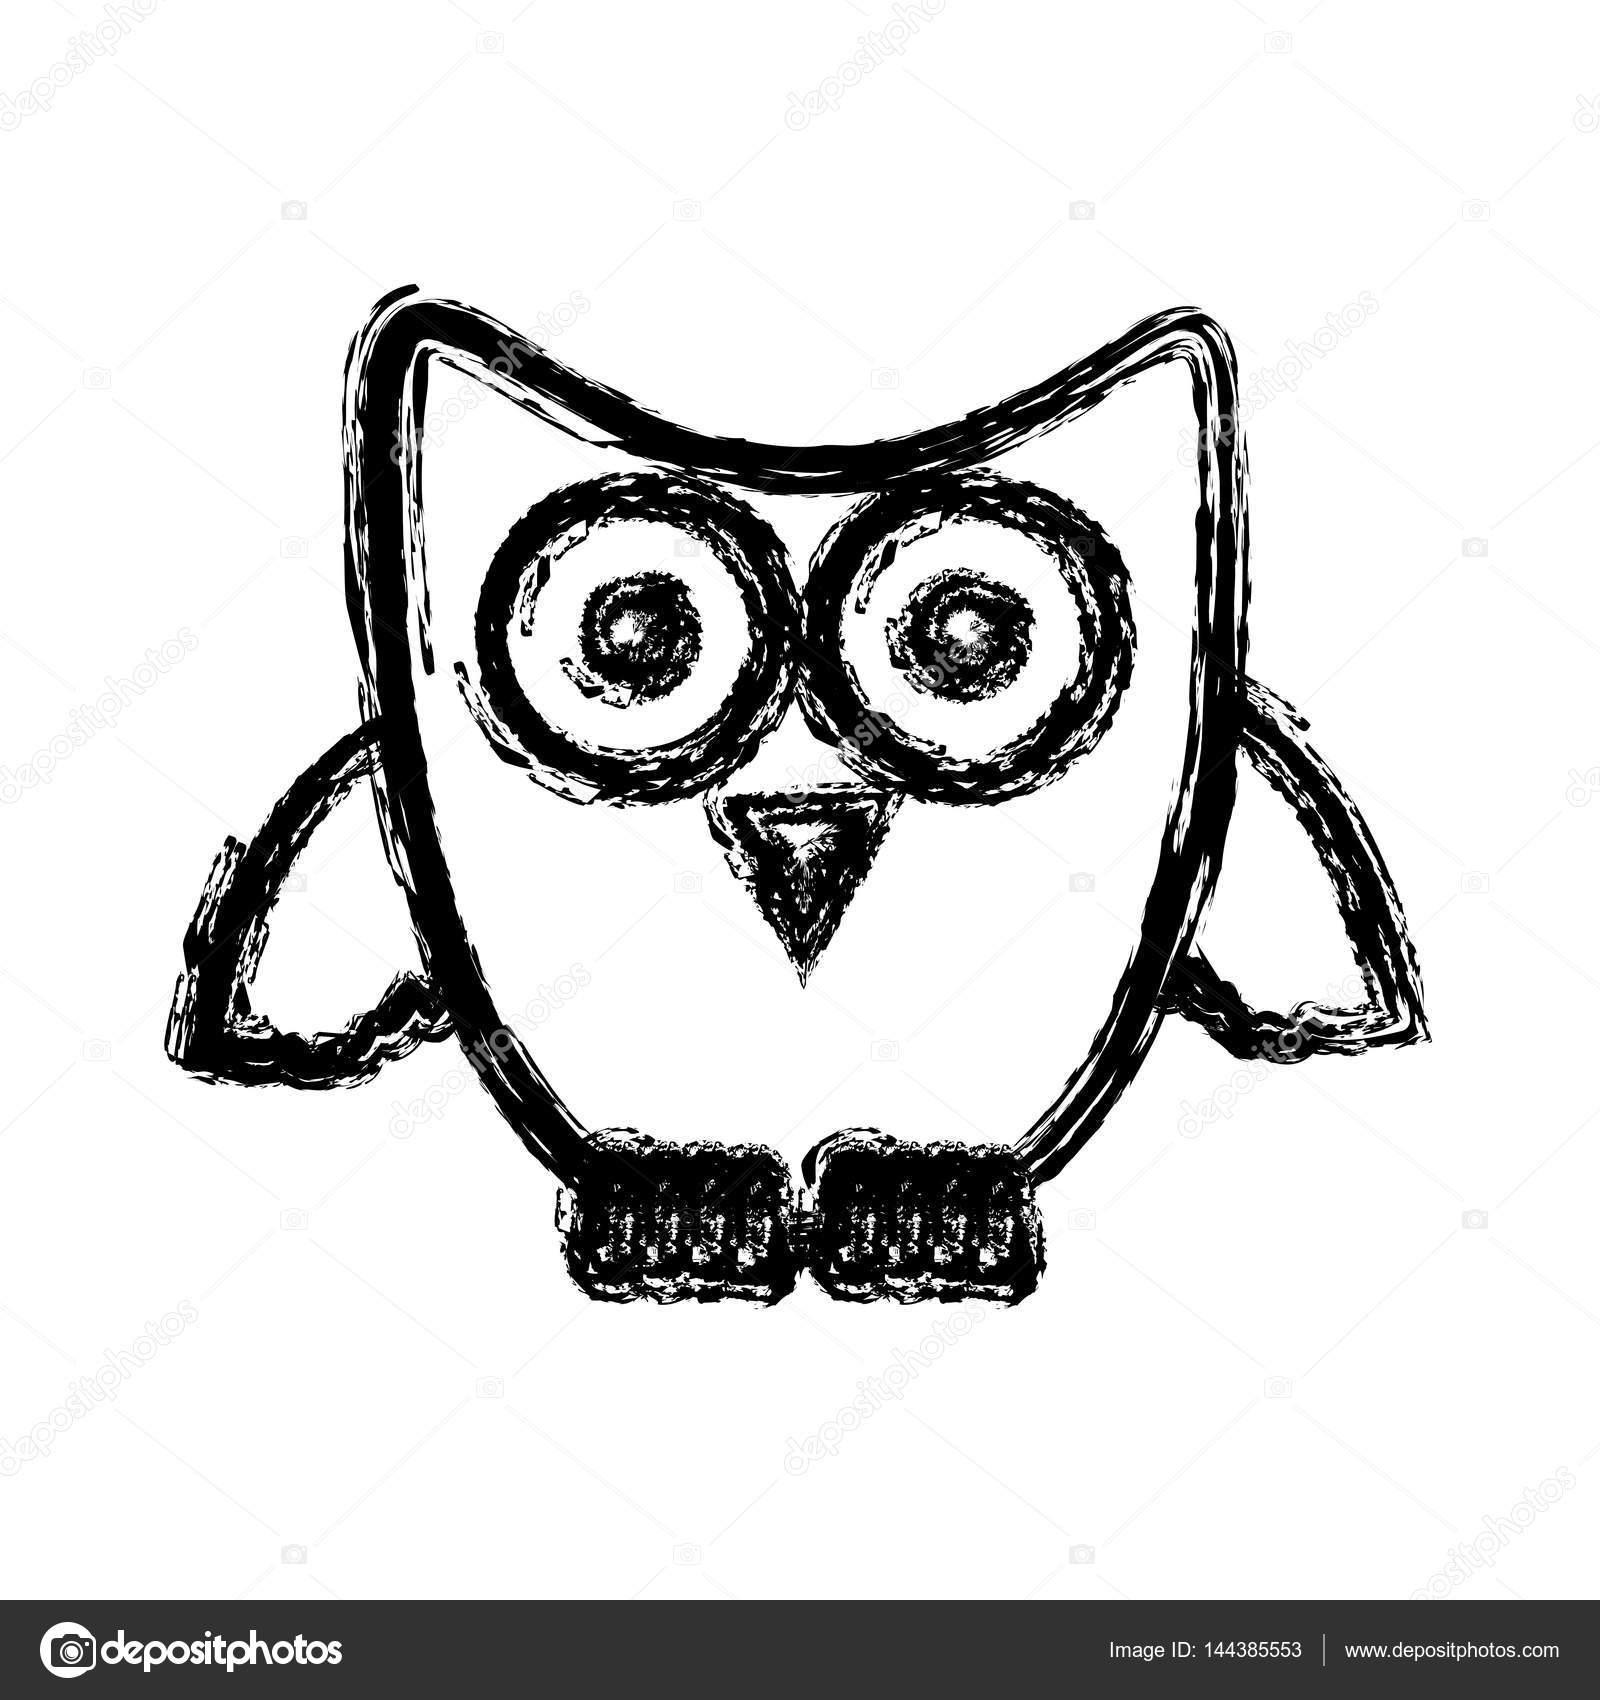 Chouette Dessin Stylisé icône de chouette stylisée de silhouette — image vectorielle